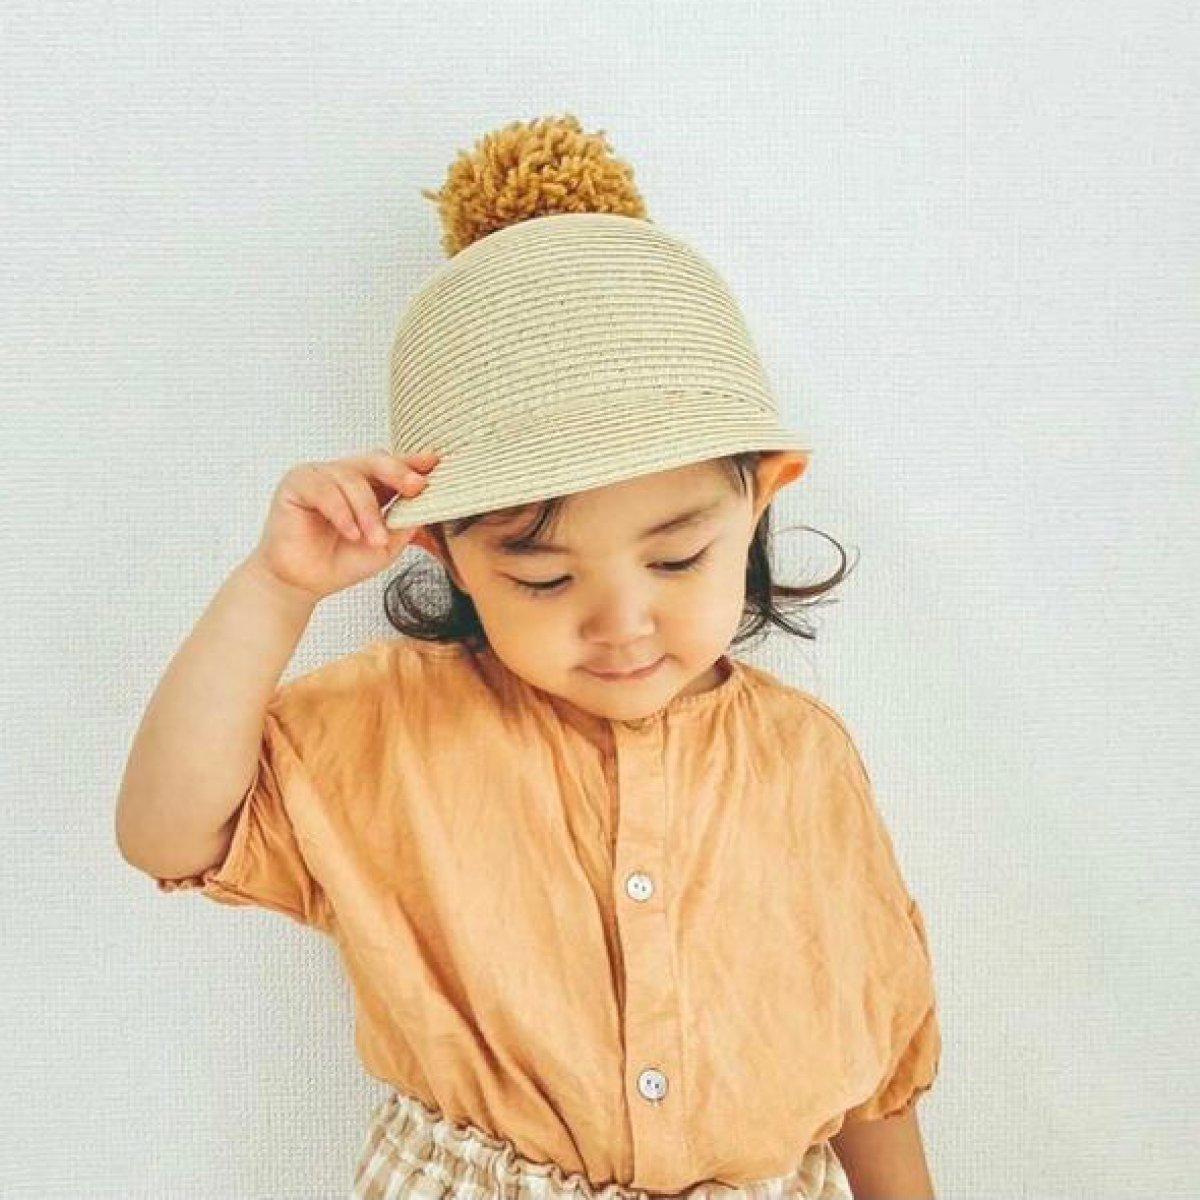 【KIDS】Big Pom Braid Cap 詳細画像18